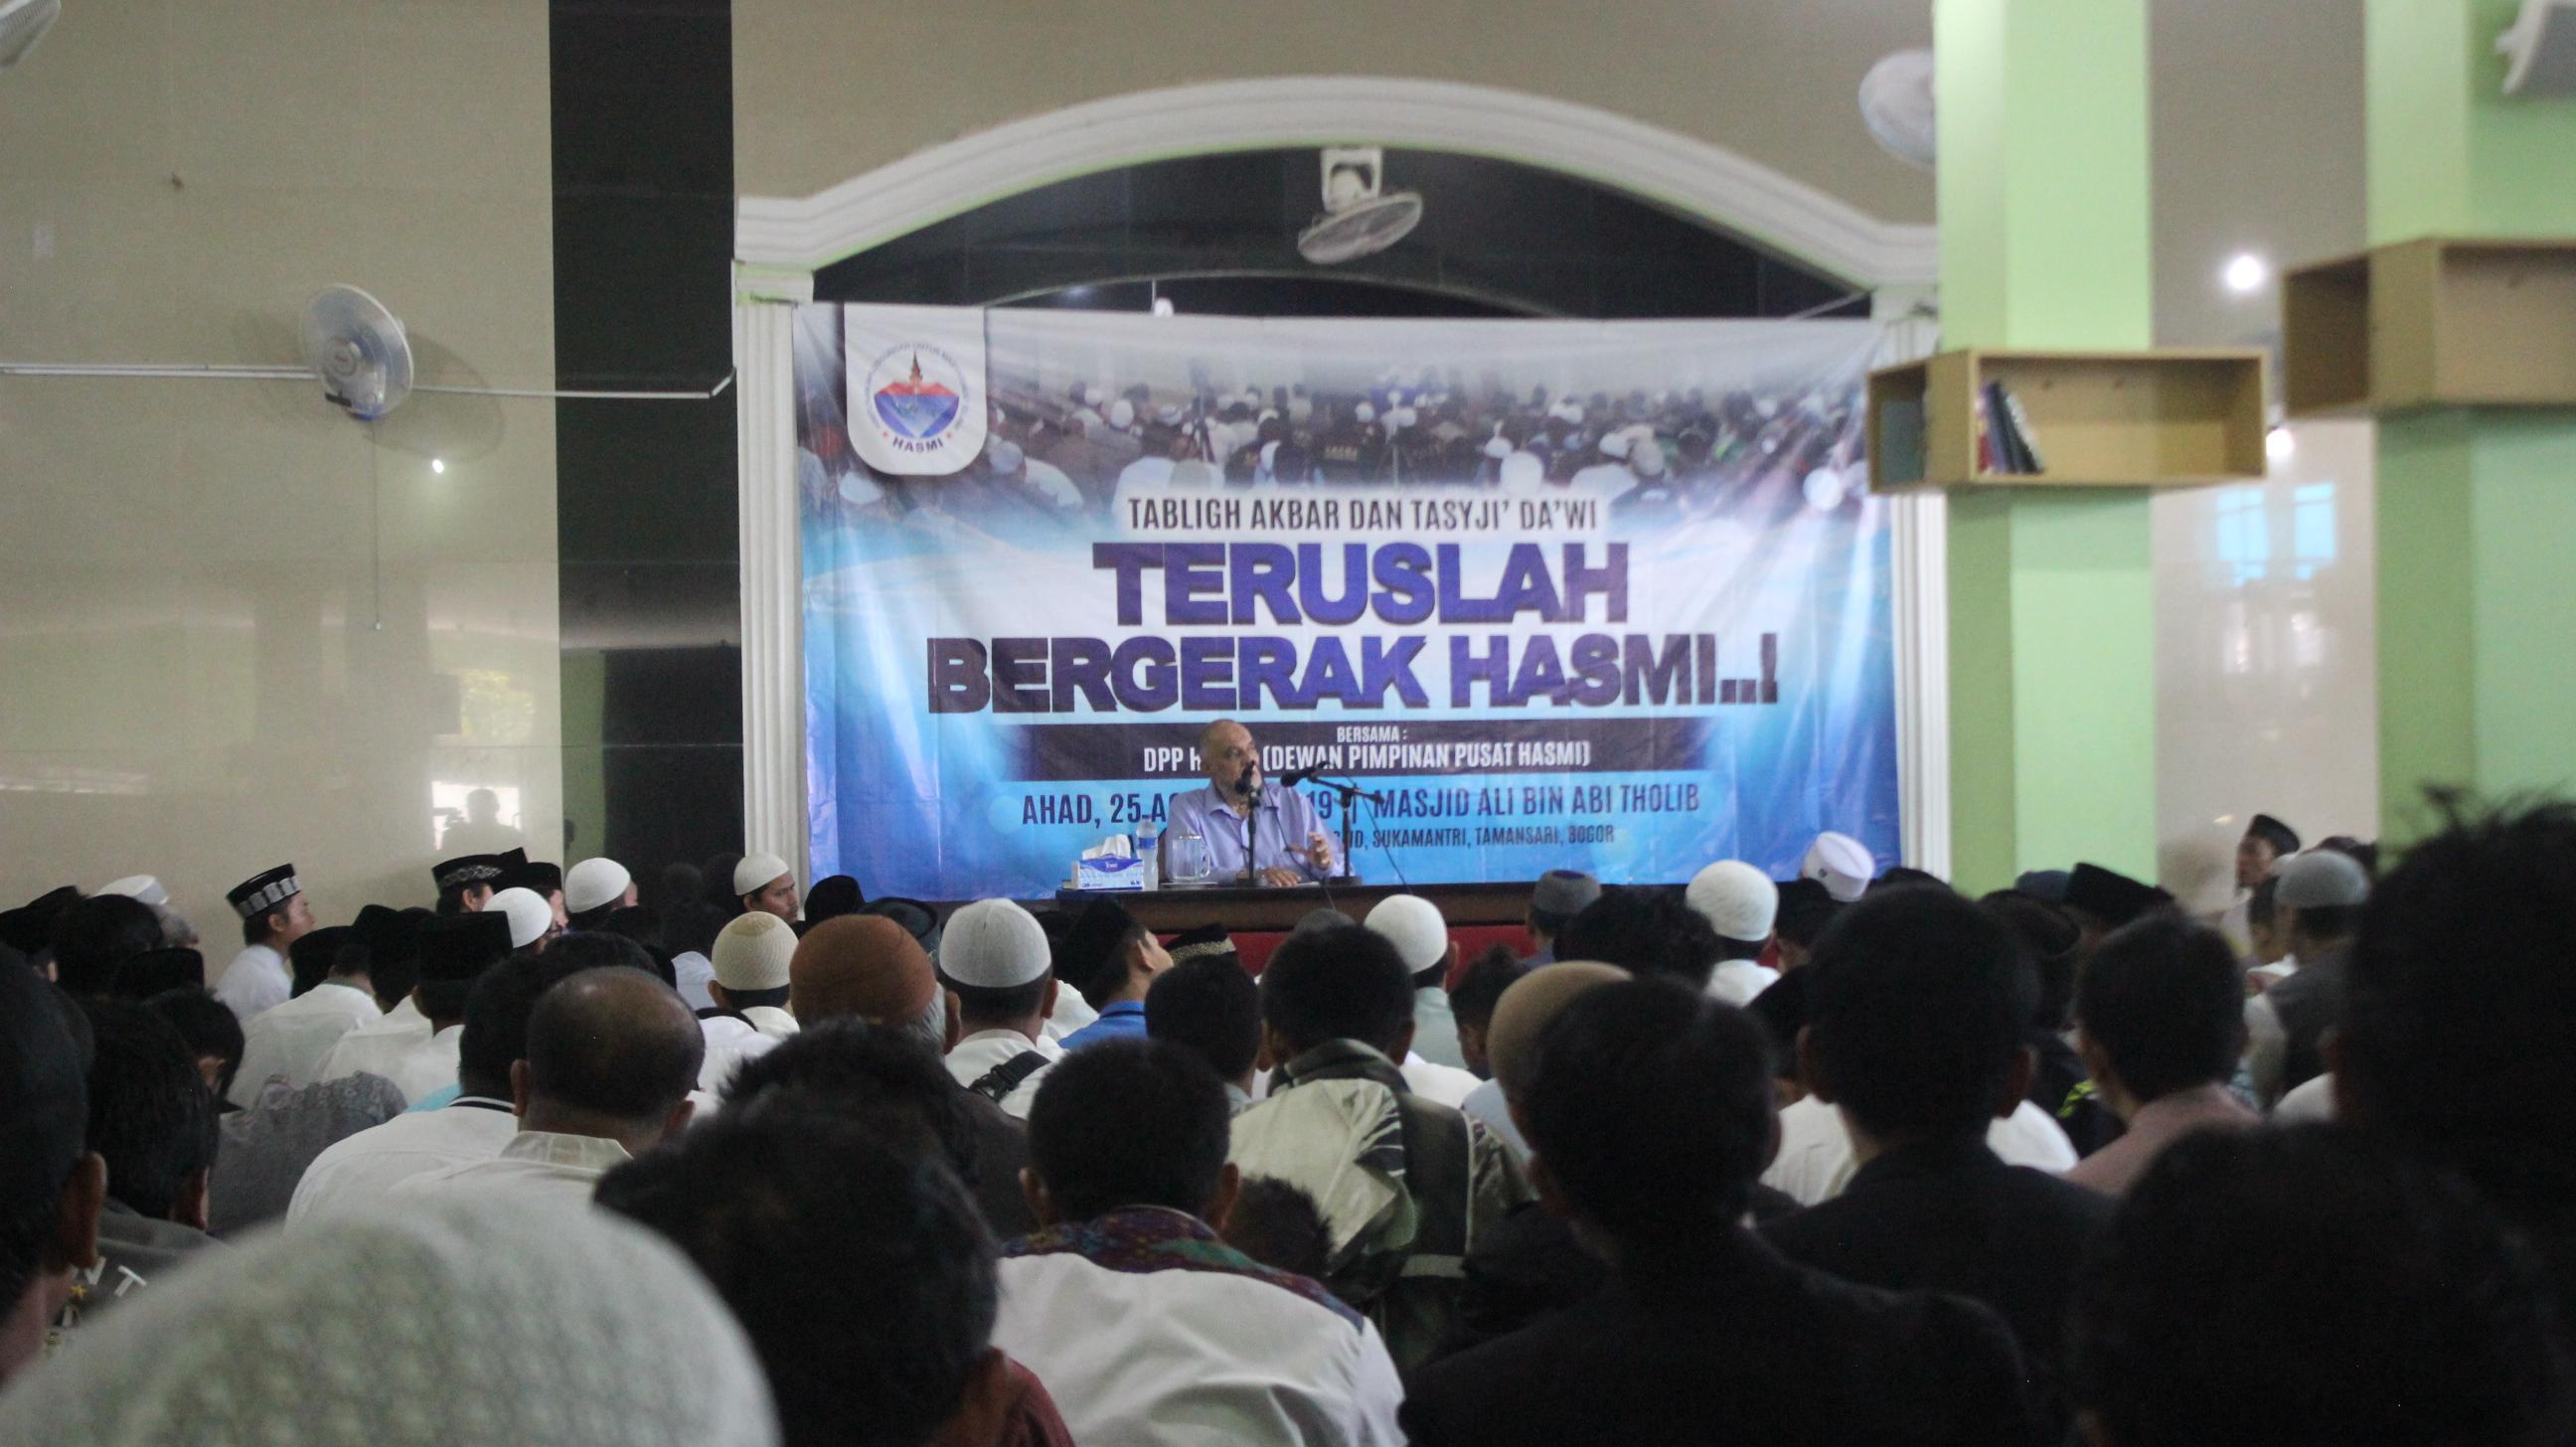 Ribuan Peserta Padati Tabligh Akbar & Tasyji' Da'wi Bersama DPP HASMI